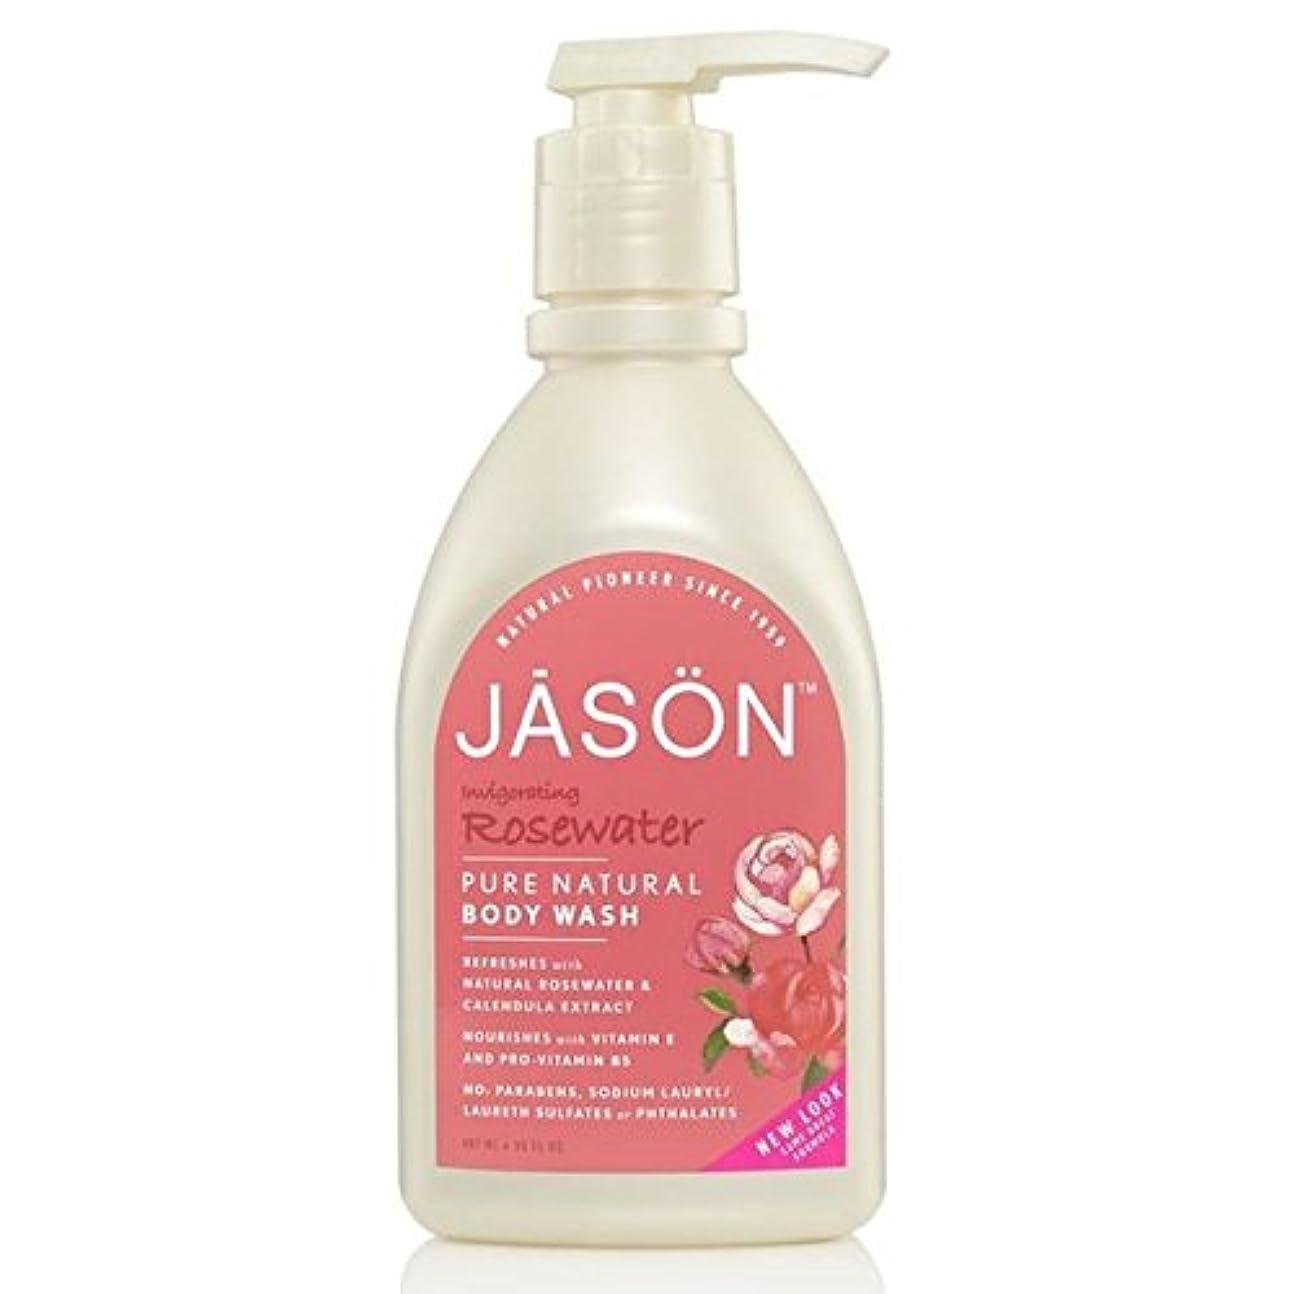 揃える何故なの記念品ジェイソン?ボディウォッシュローズウォーターサテンシャワー900ミリリットル x2 - Jason Body Wash Rosewater Satin Shower 900ml (Pack of 2) [並行輸入品]